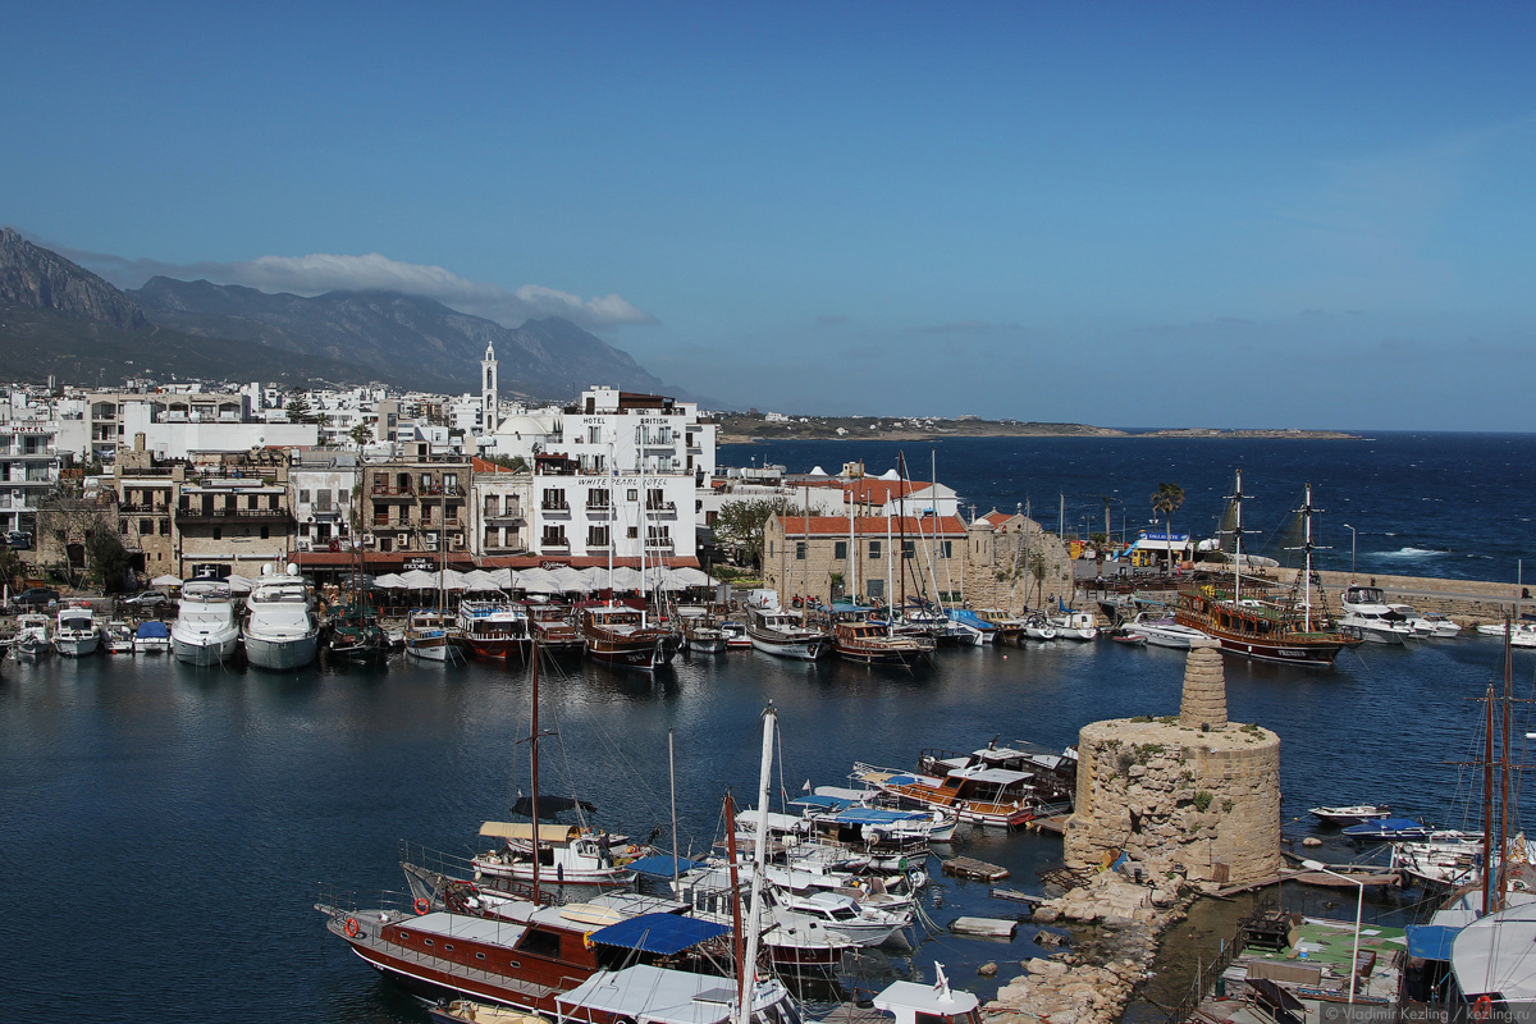 Остров Кипр. Северный Кипр. Кирения (Гирне)